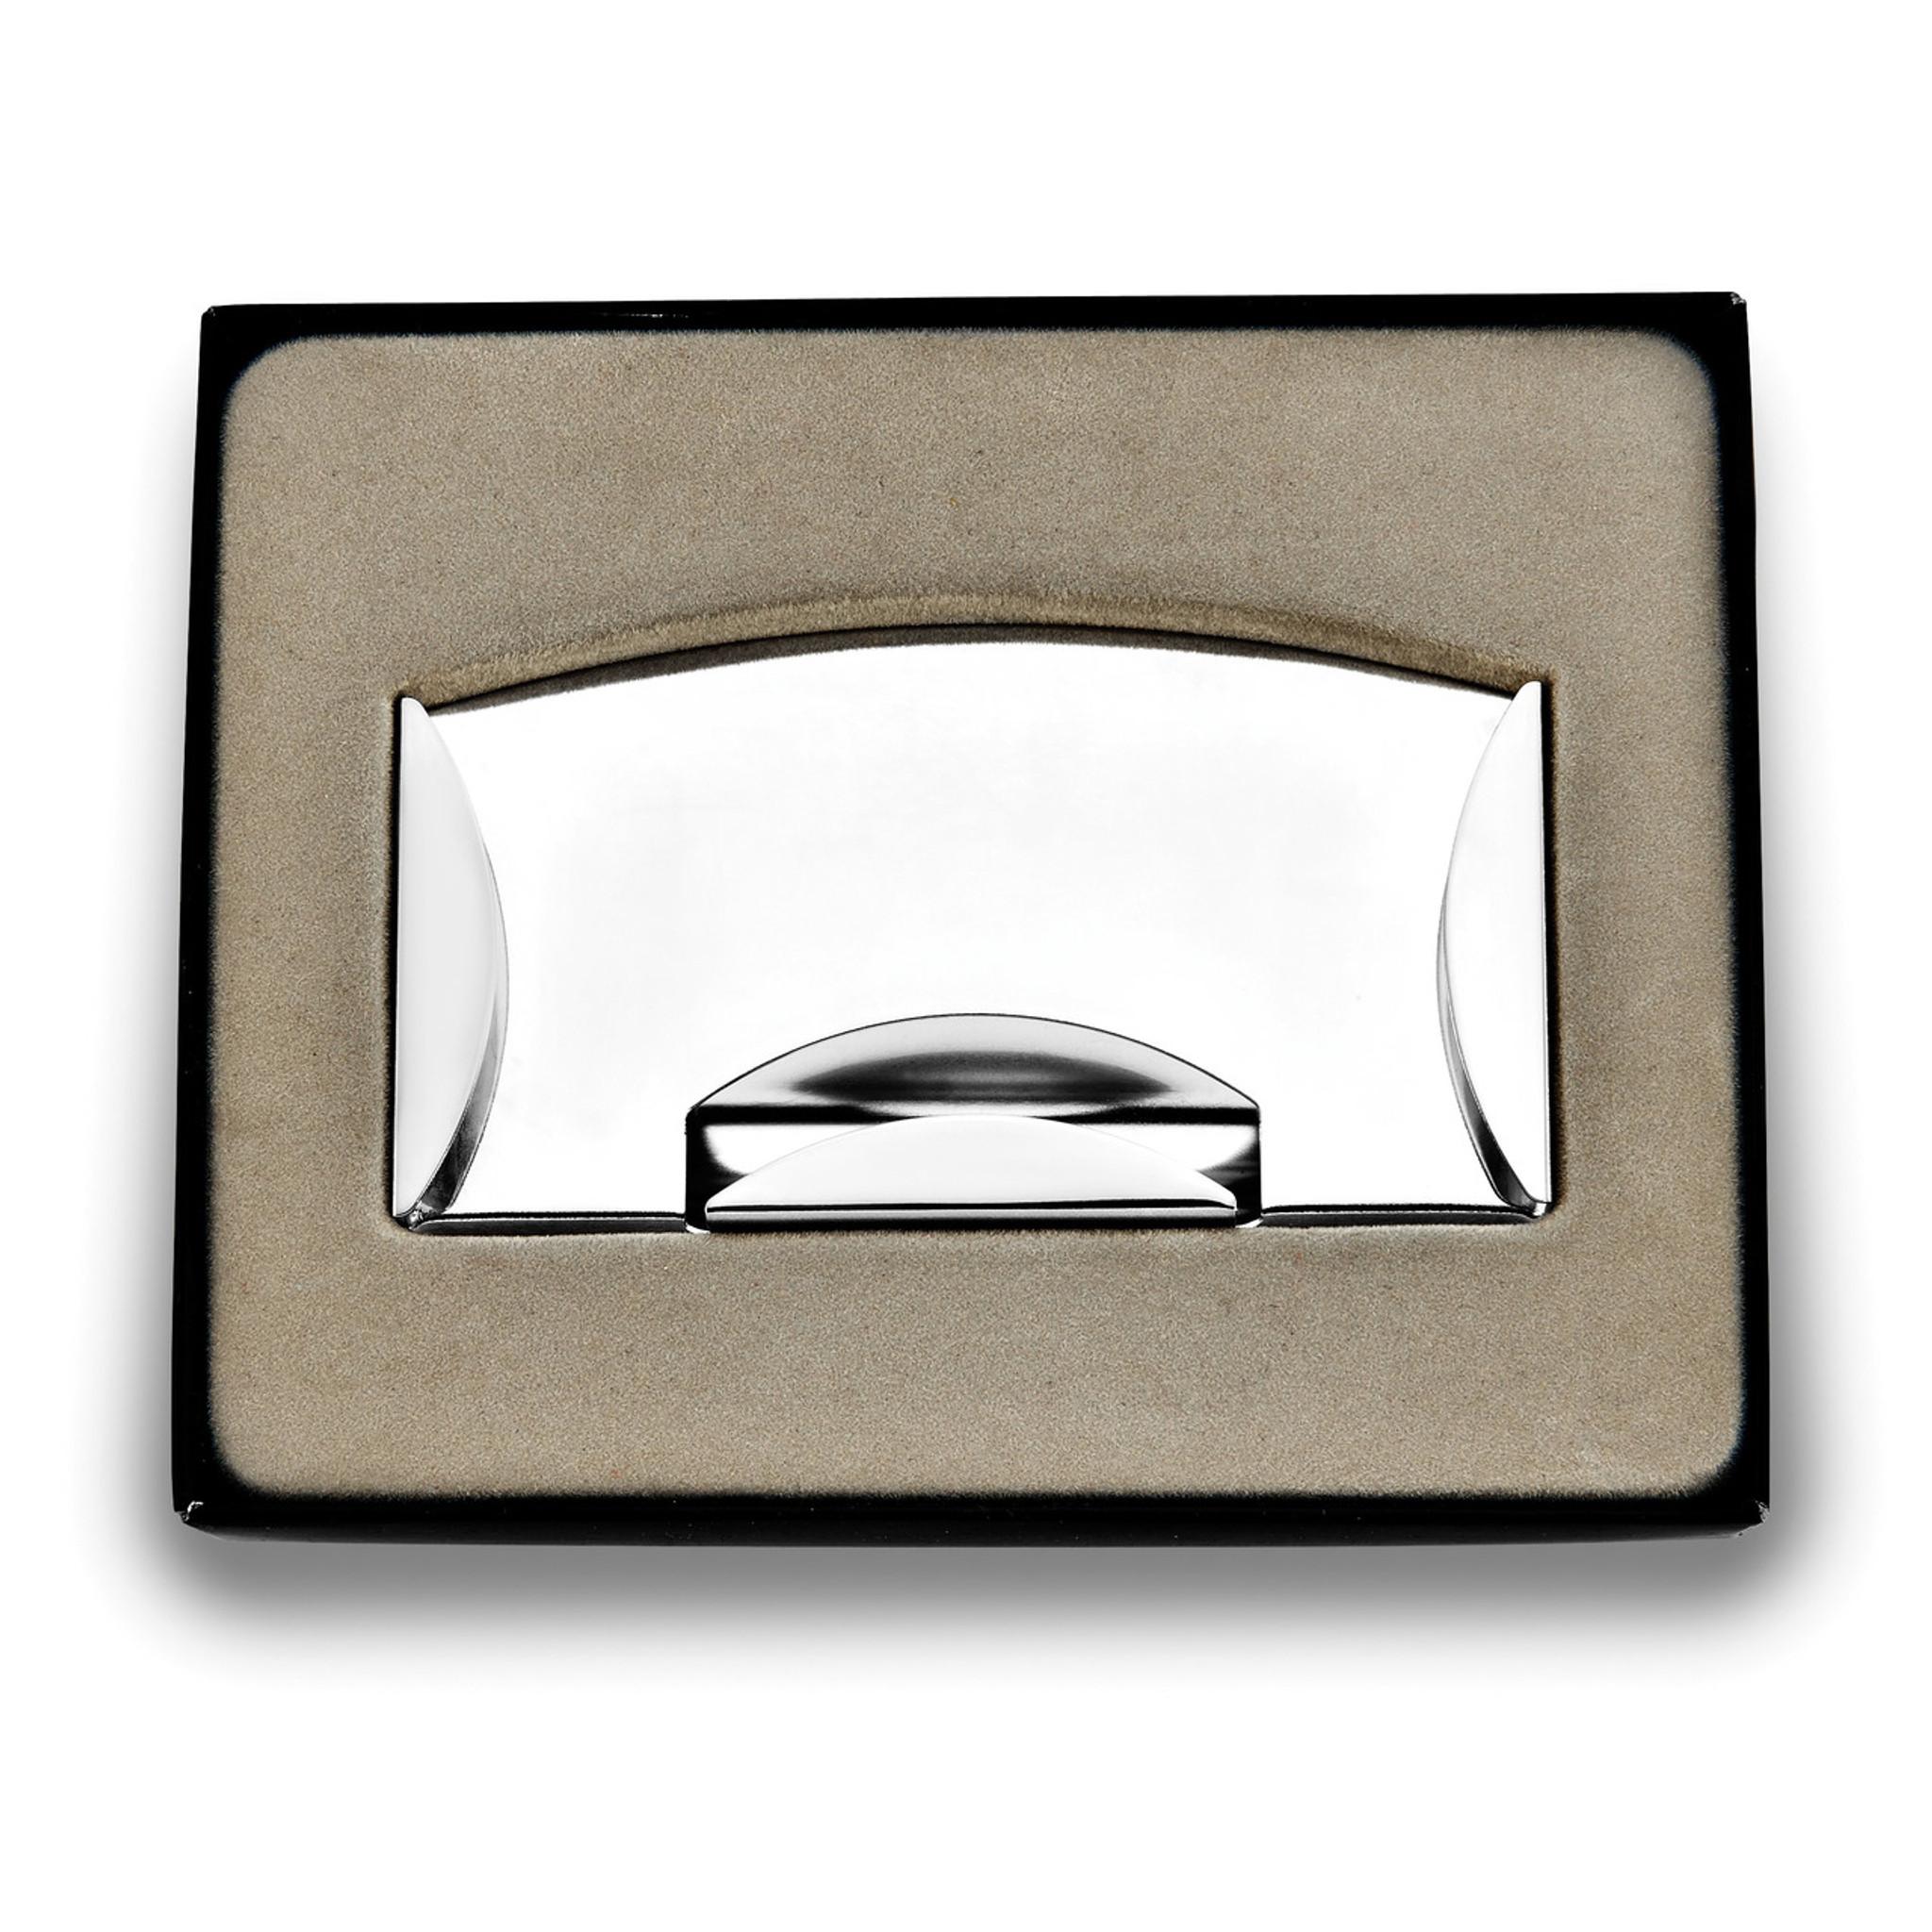 Silver-tone Money Clip /& Card Case